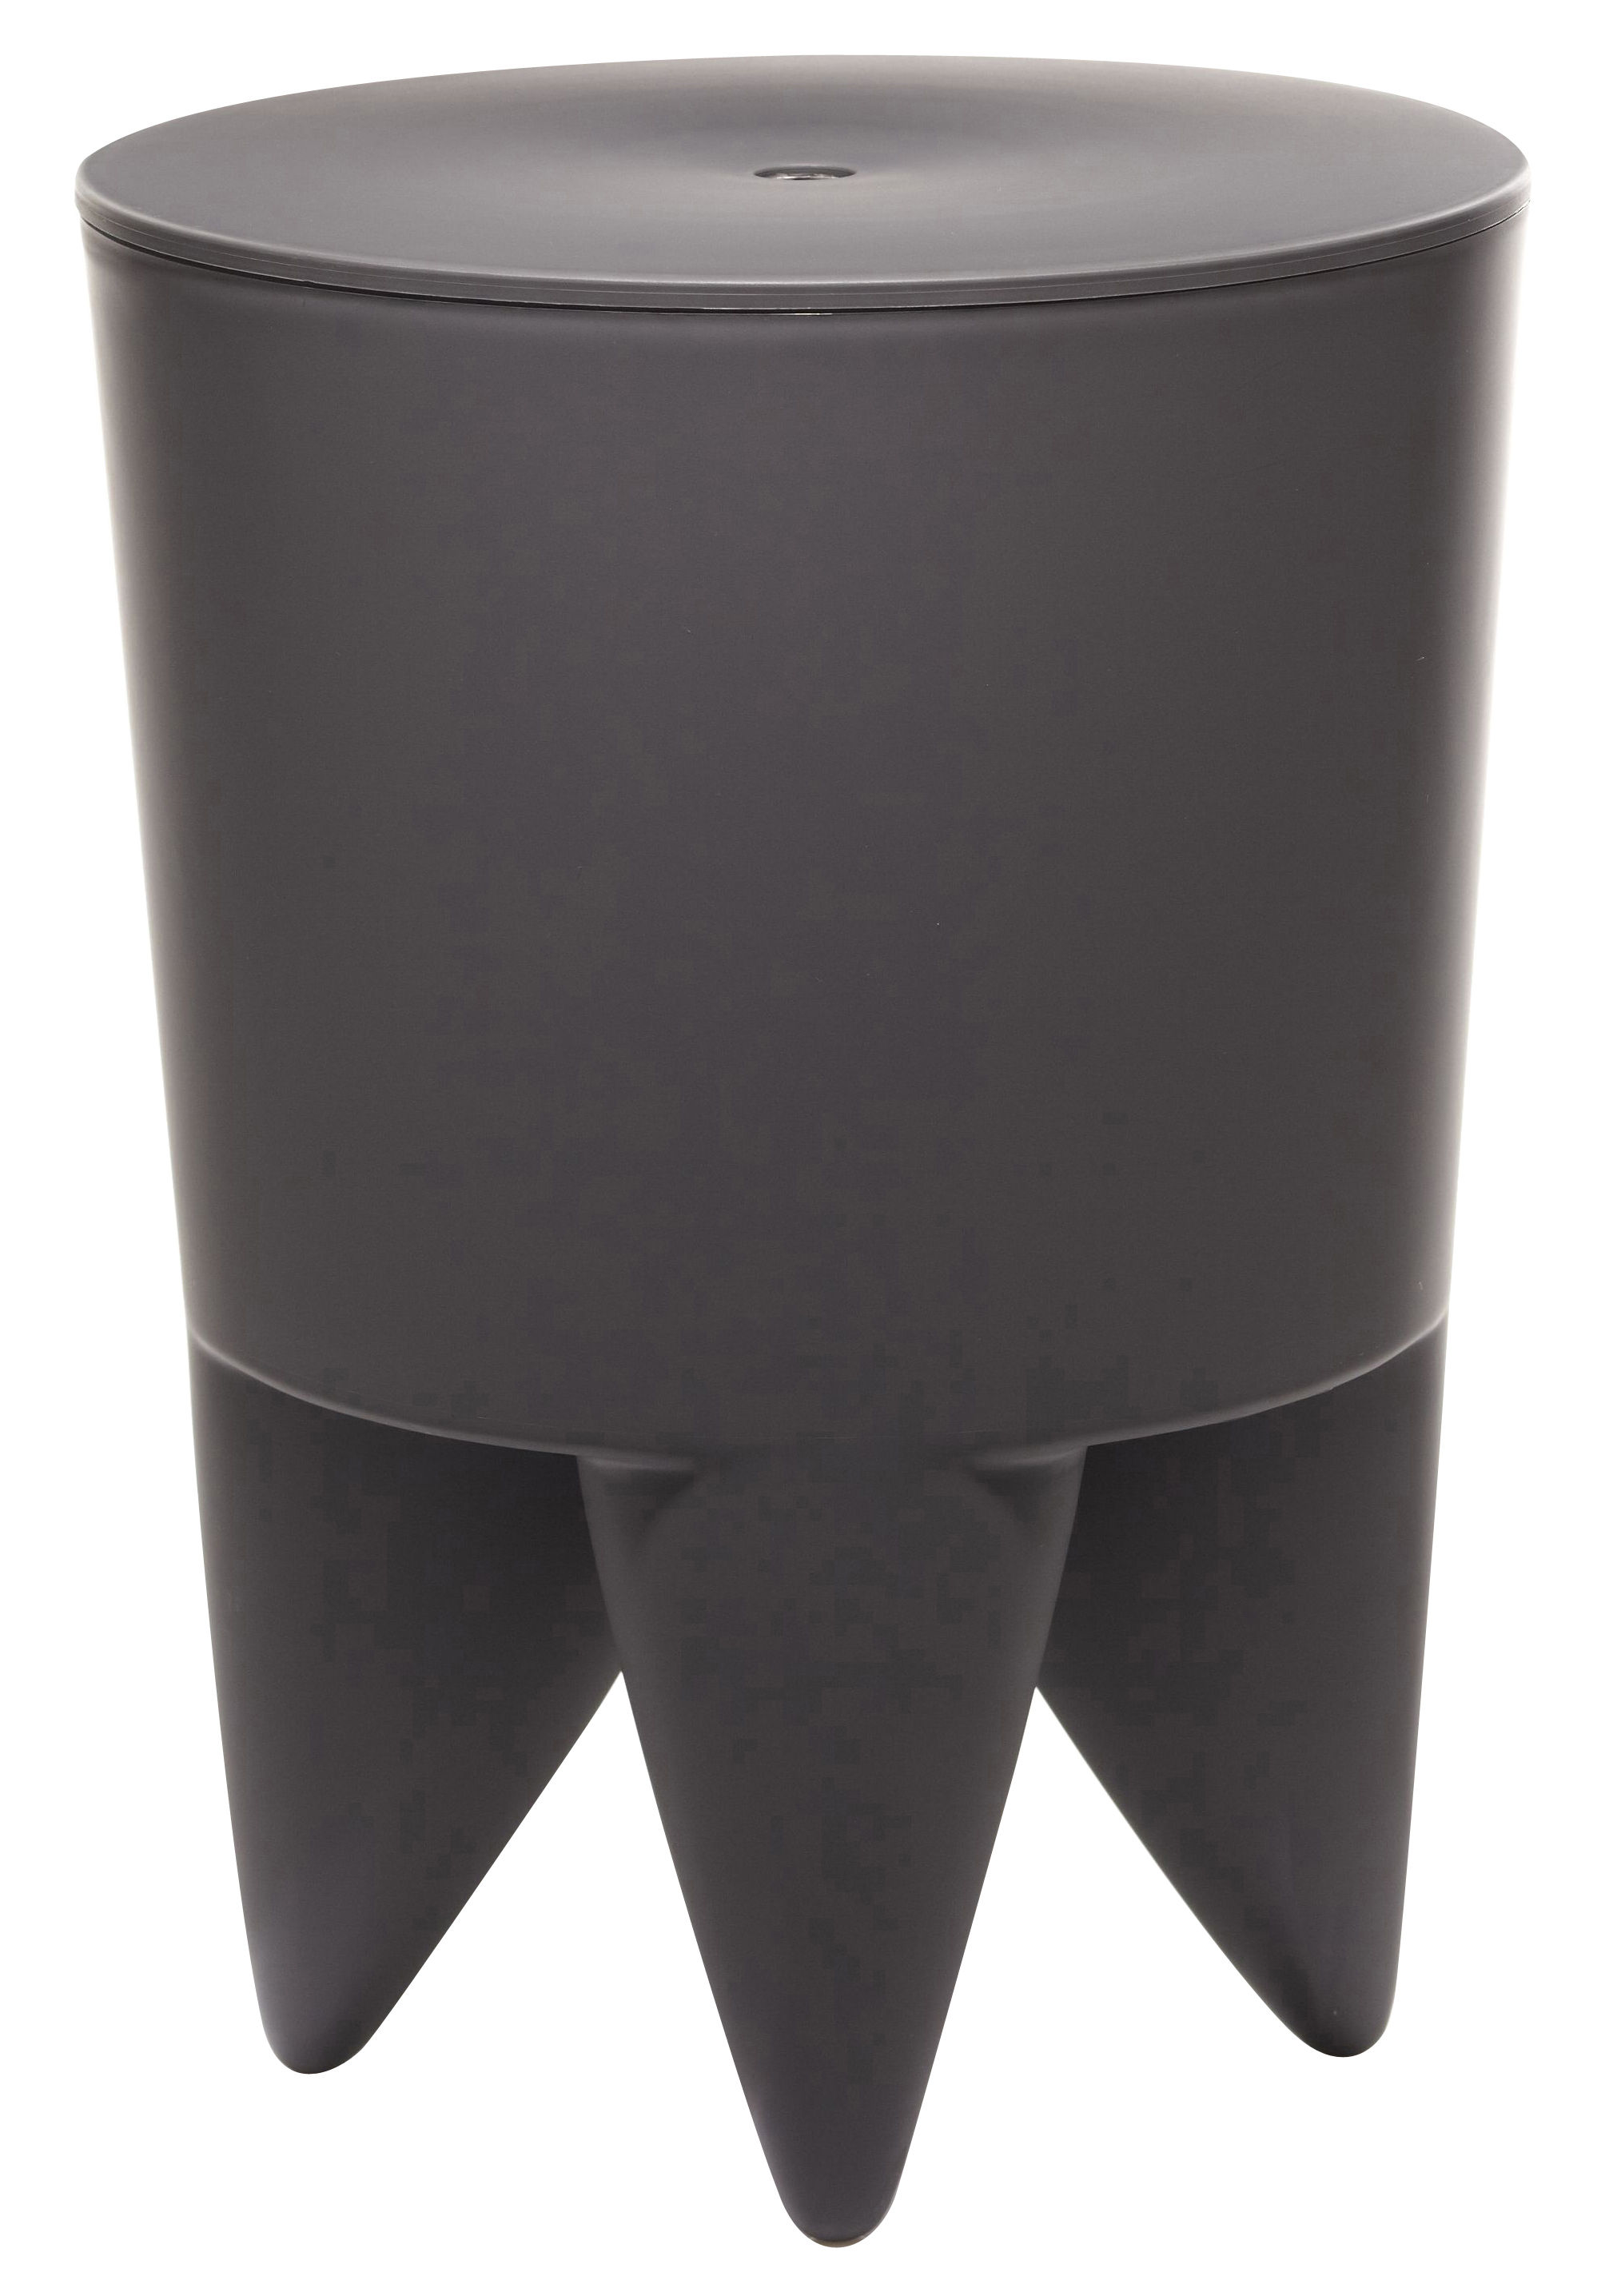 Möbel - Möbel für Teens - New Bubu 1er Hocker / Truhe - aus Kunststoff - XO - Graphitschwarz - Polypropylen